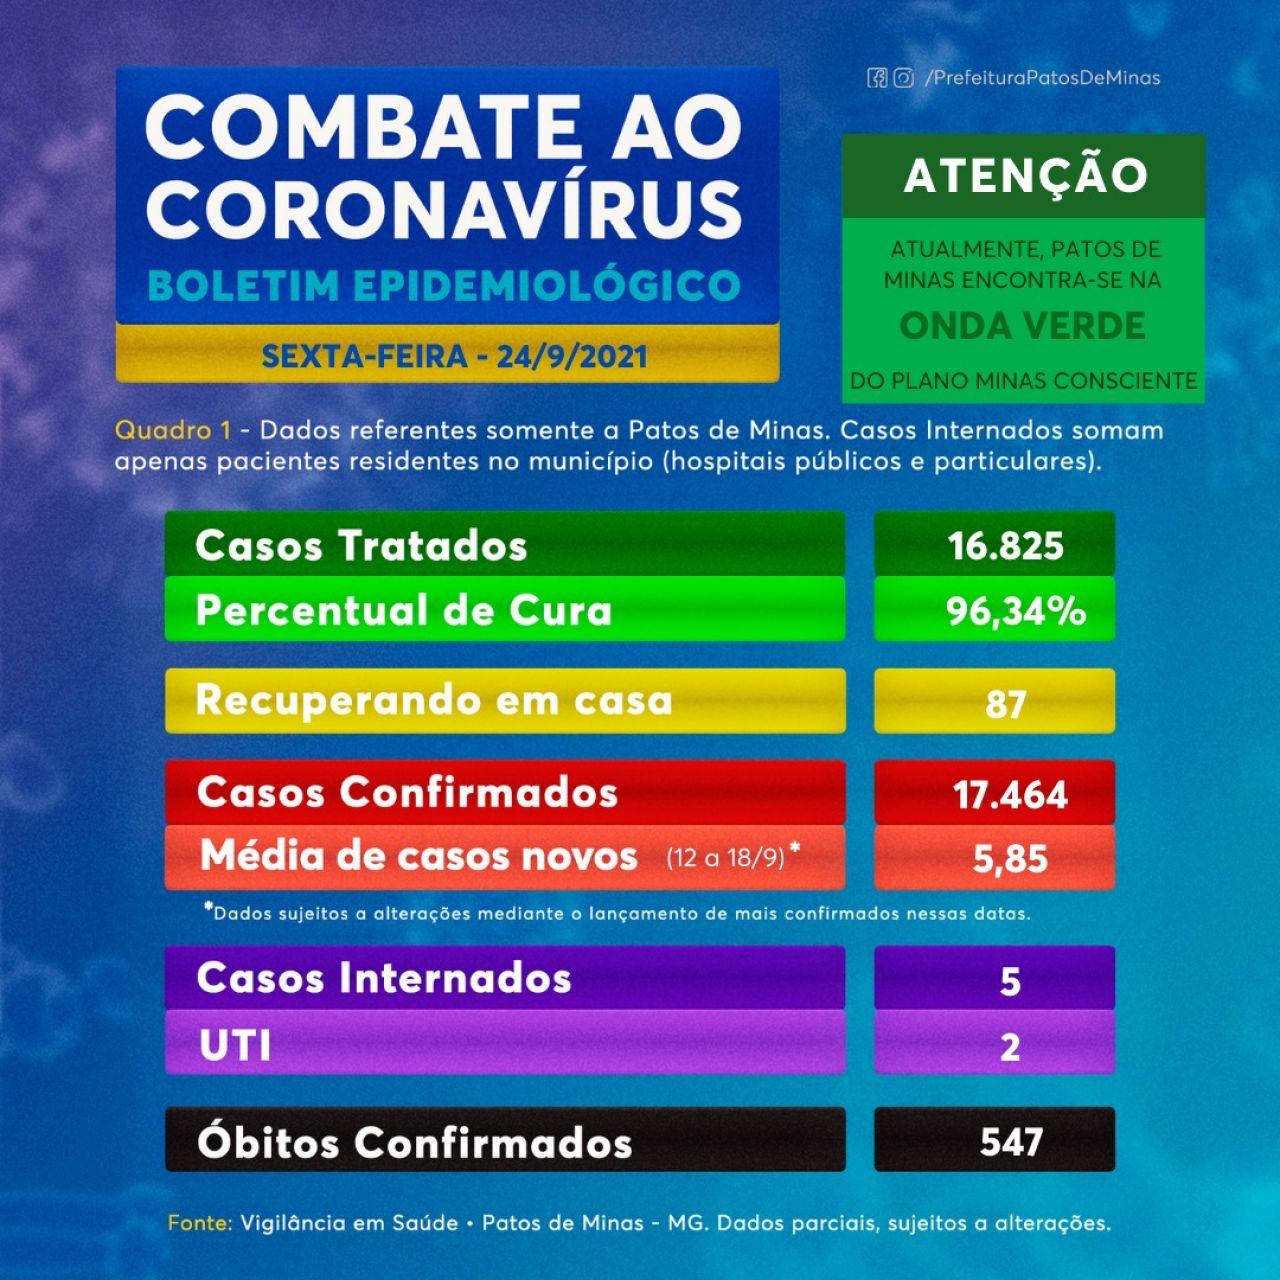 Covid-19: boletim informa 15 novos casos e mais 1 óbito